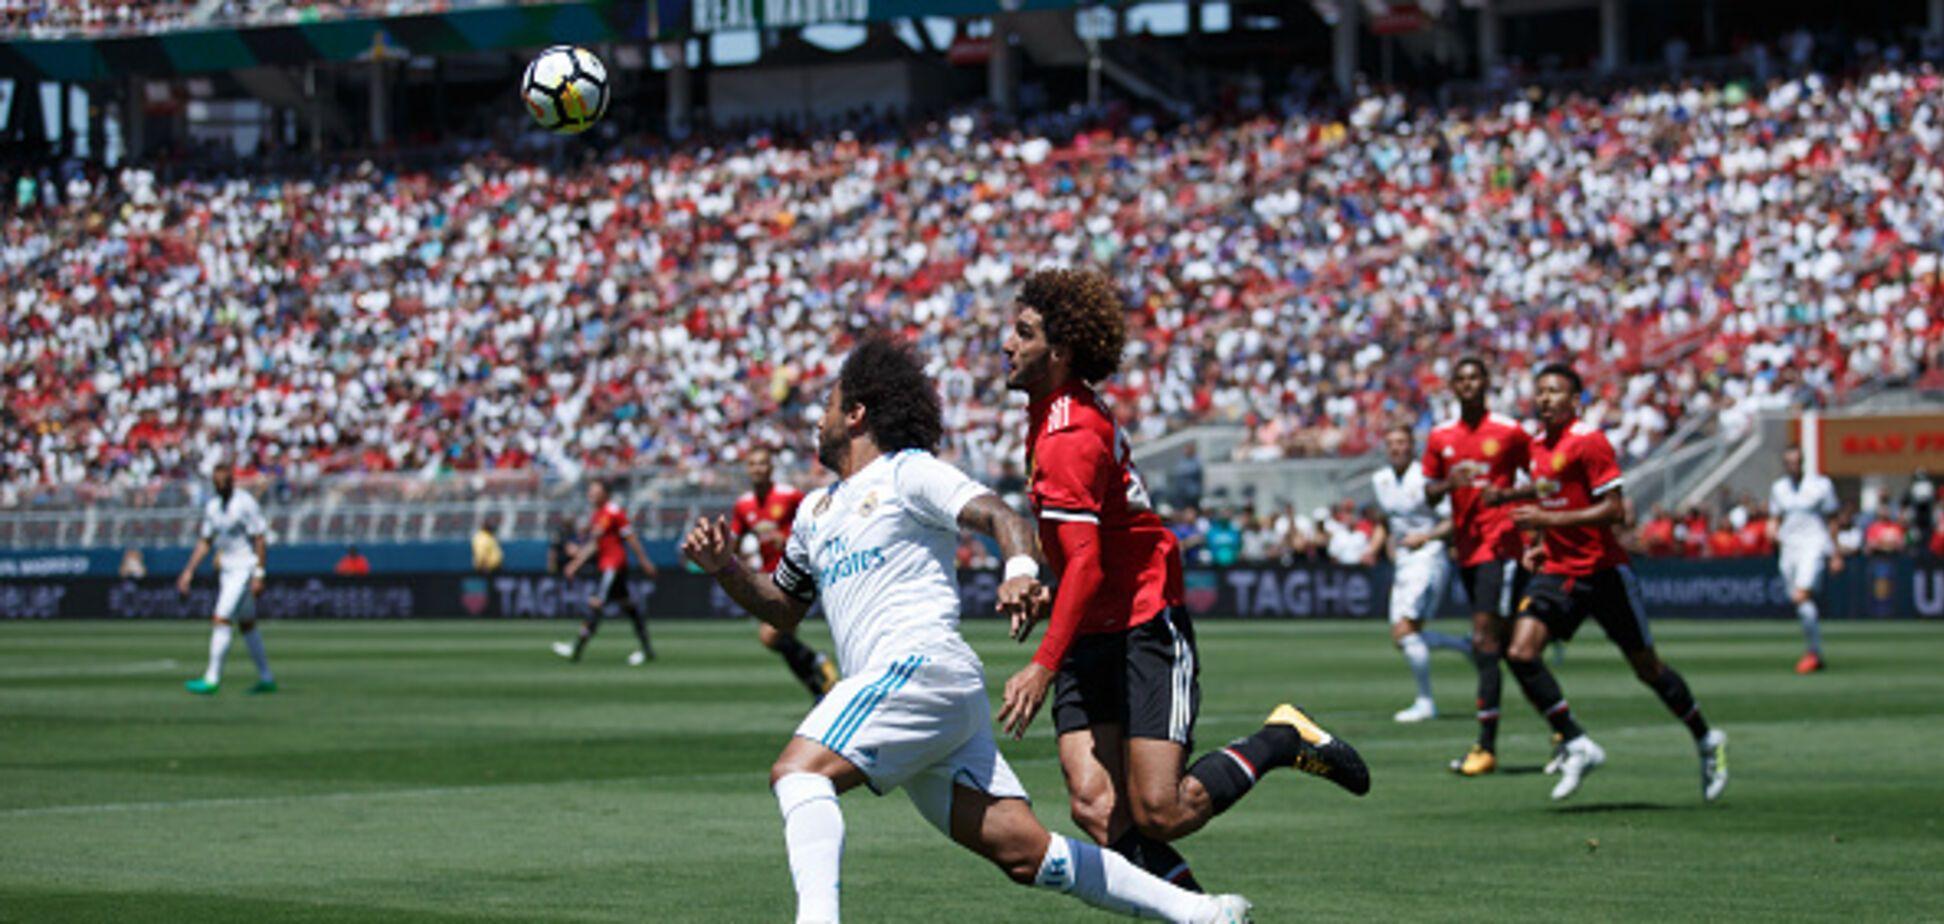 Битва титанів! Реал - Манчестер Юнайтед: онлайн трансляція матчу за Суперкубок УЄФА